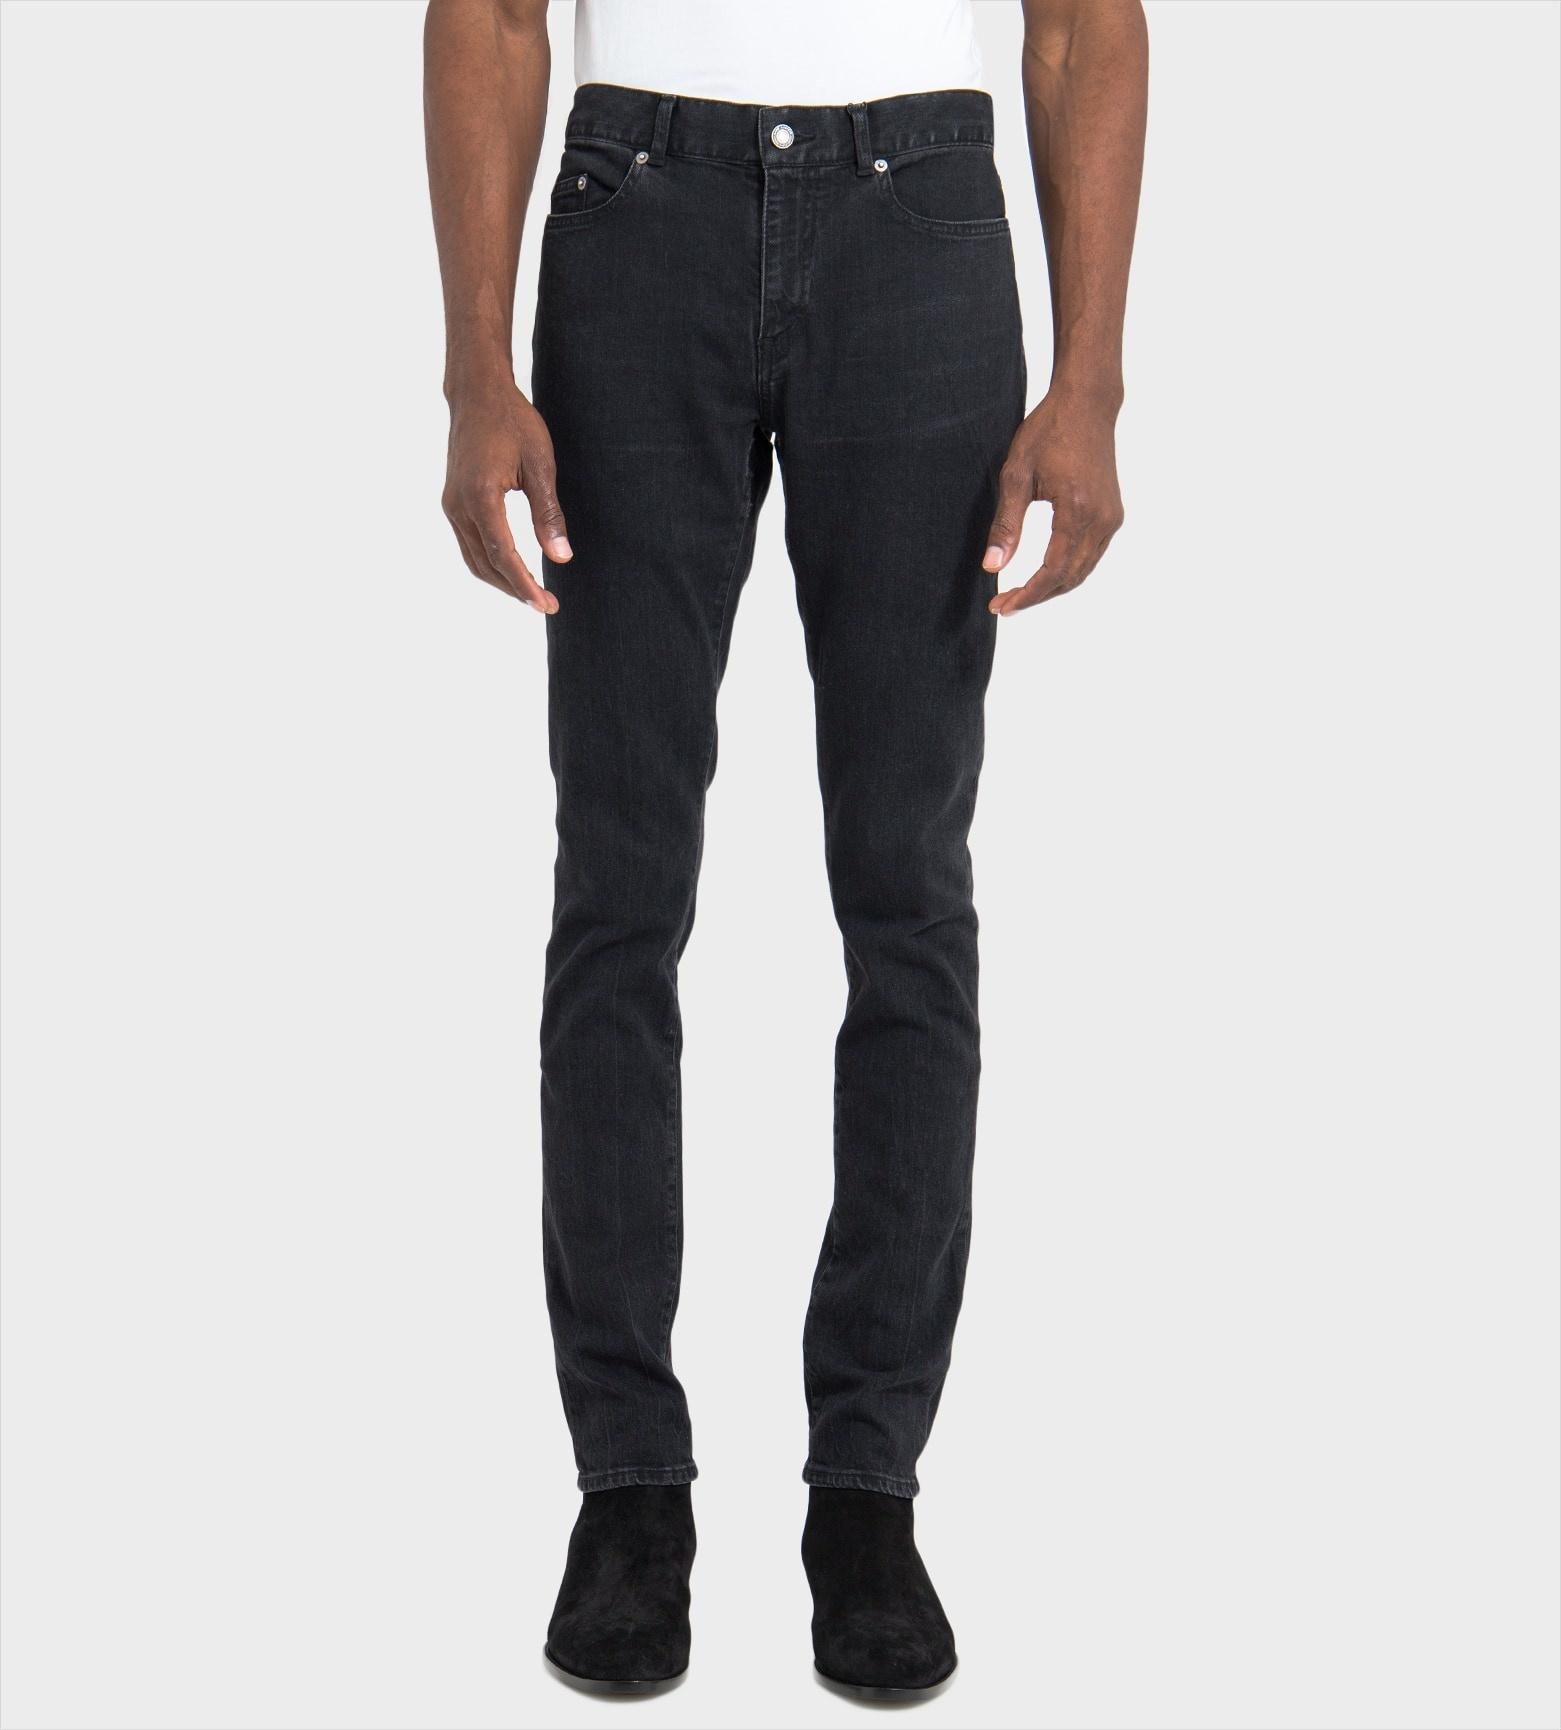 59c68f630e SL Jeans 578972YI500 Black